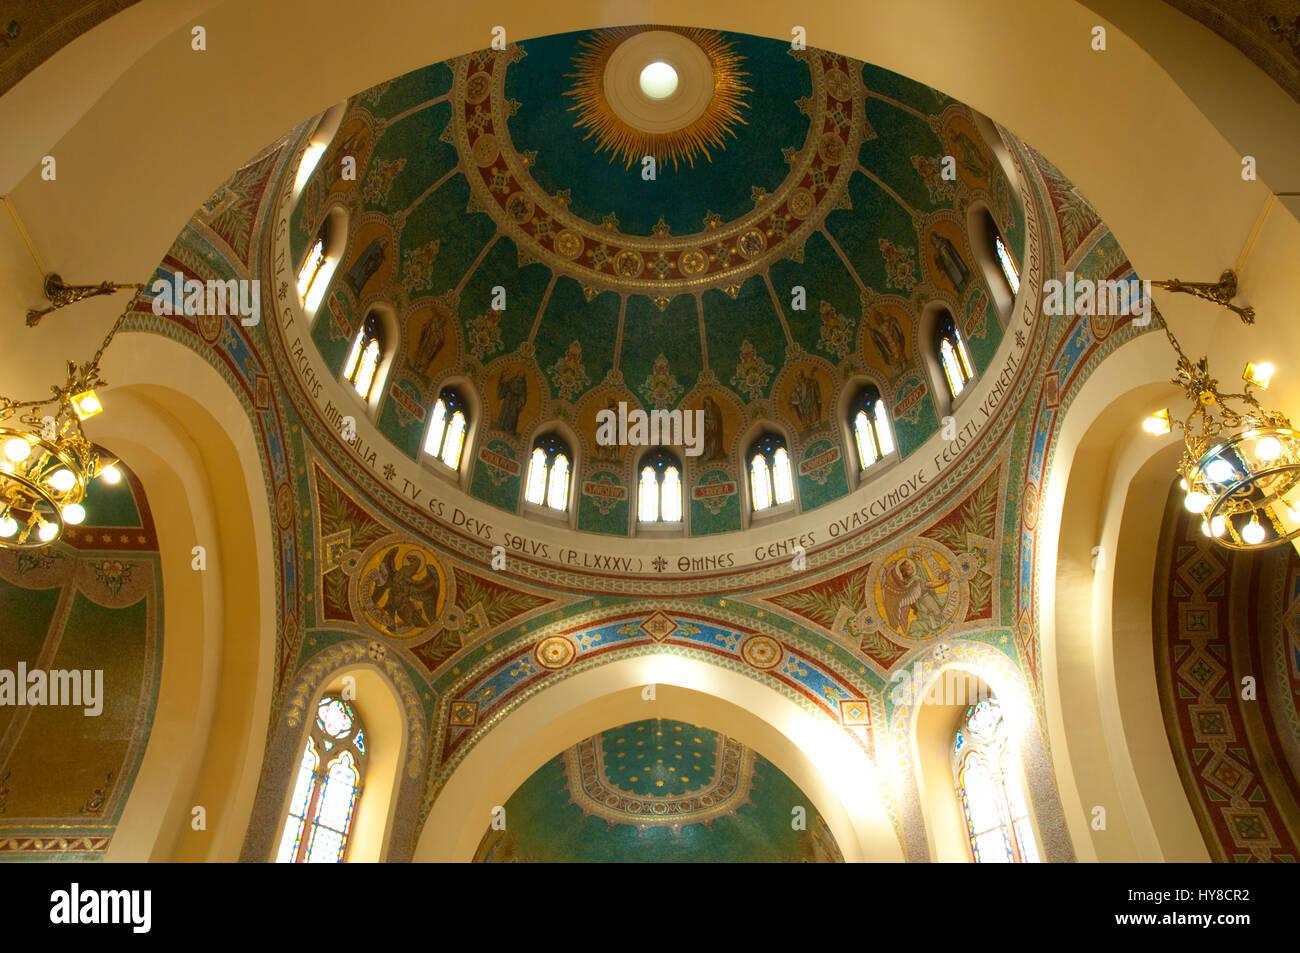 Cúpula de San Manuel y San Benito, en el interior de la iglesia. Madrid, España. Foto de stock